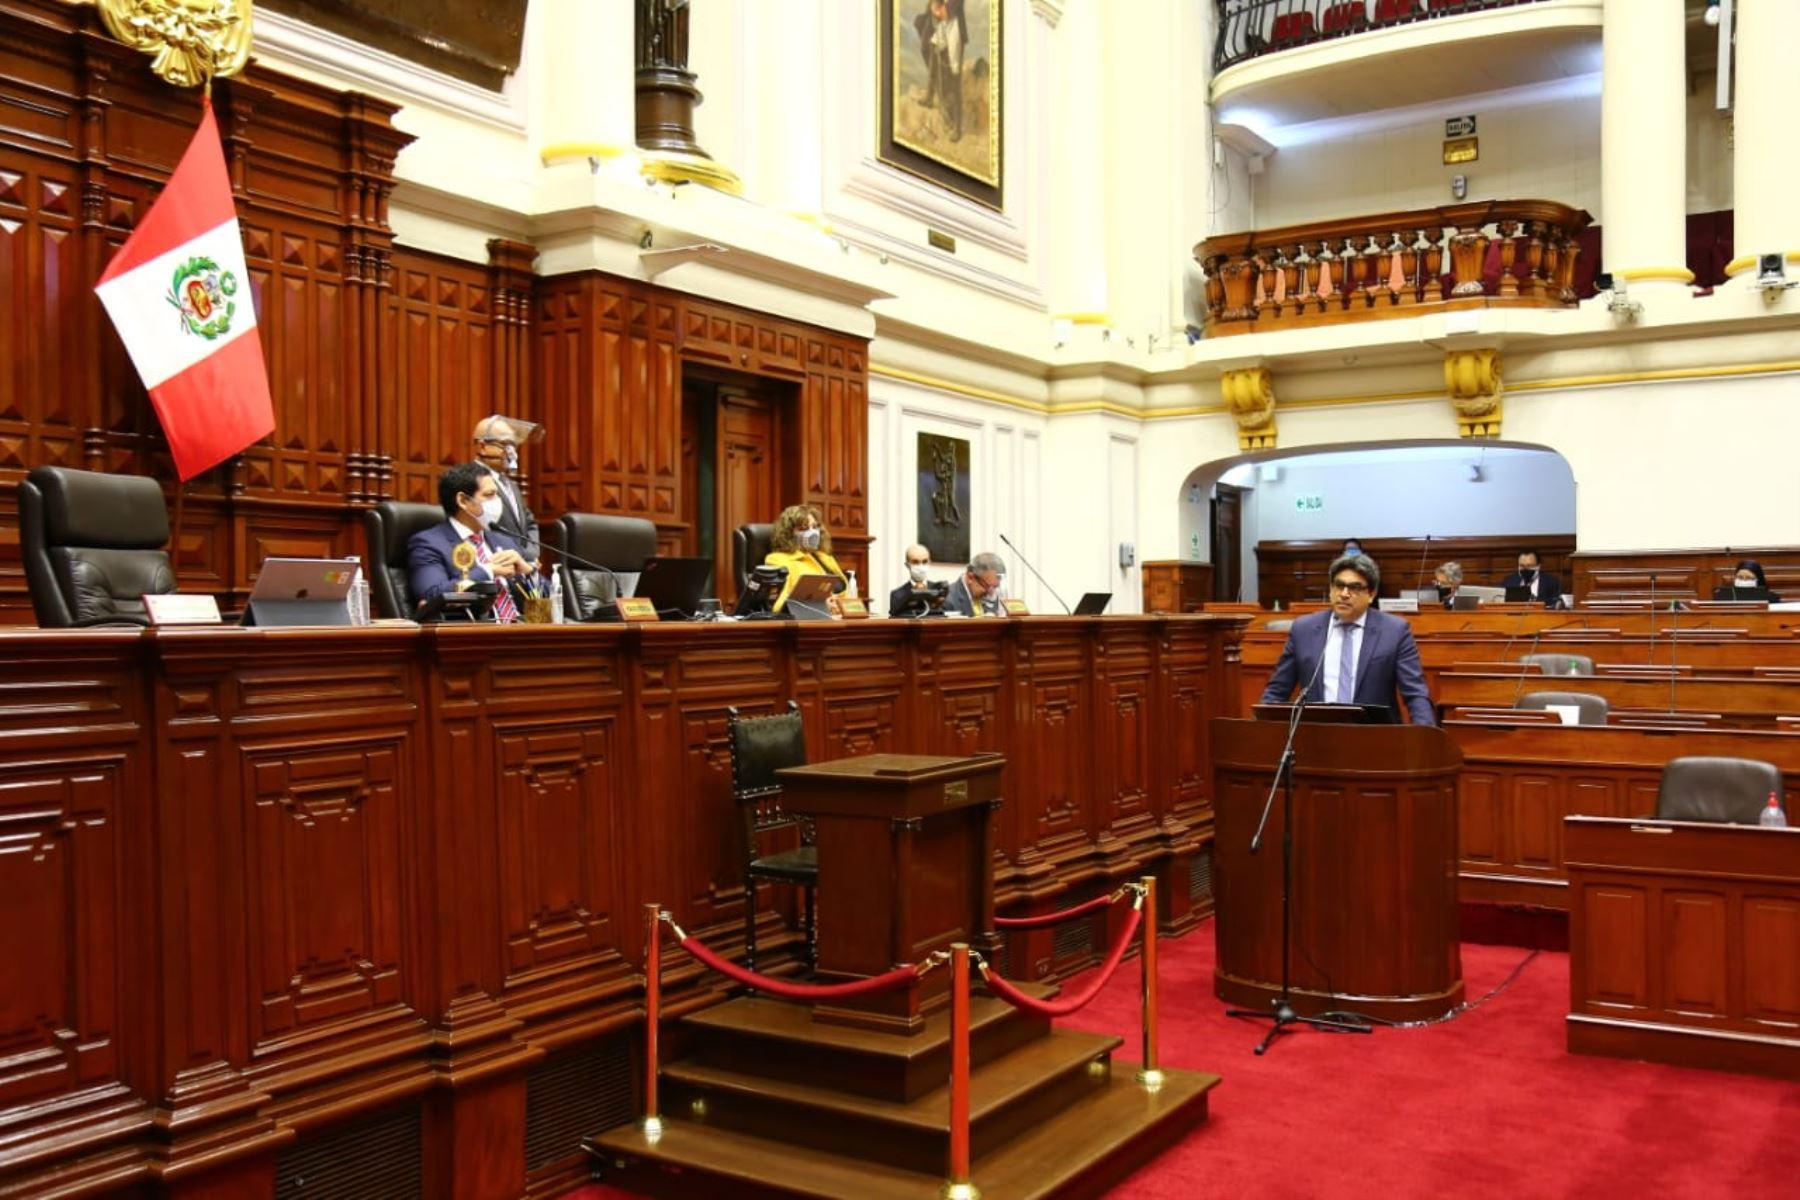 Ministro de Educación, Martín Benavides, responde al pliego interpelatorio en sesión del pleno del Congreso. Foto: Congreso de la República